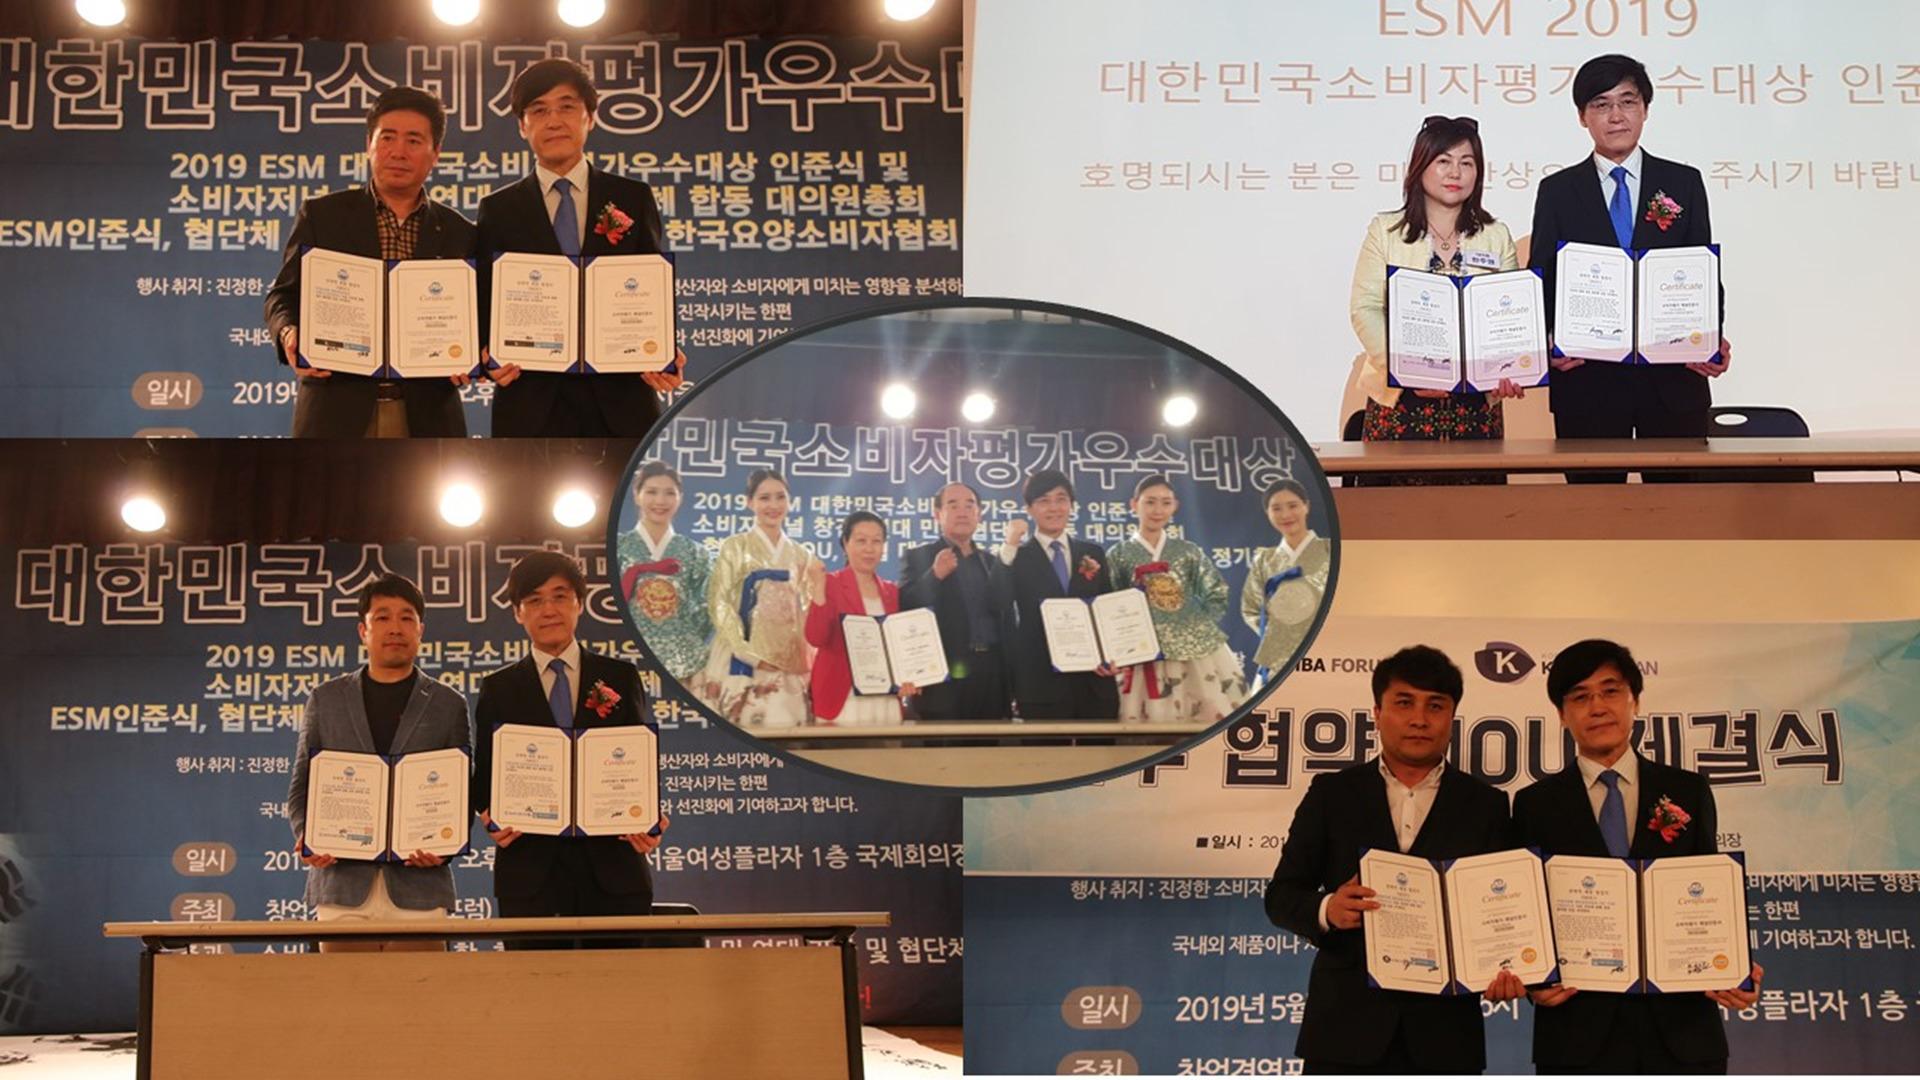 소비자저널협동조합, 제1회 대의원 총회 성황리에 마쳐